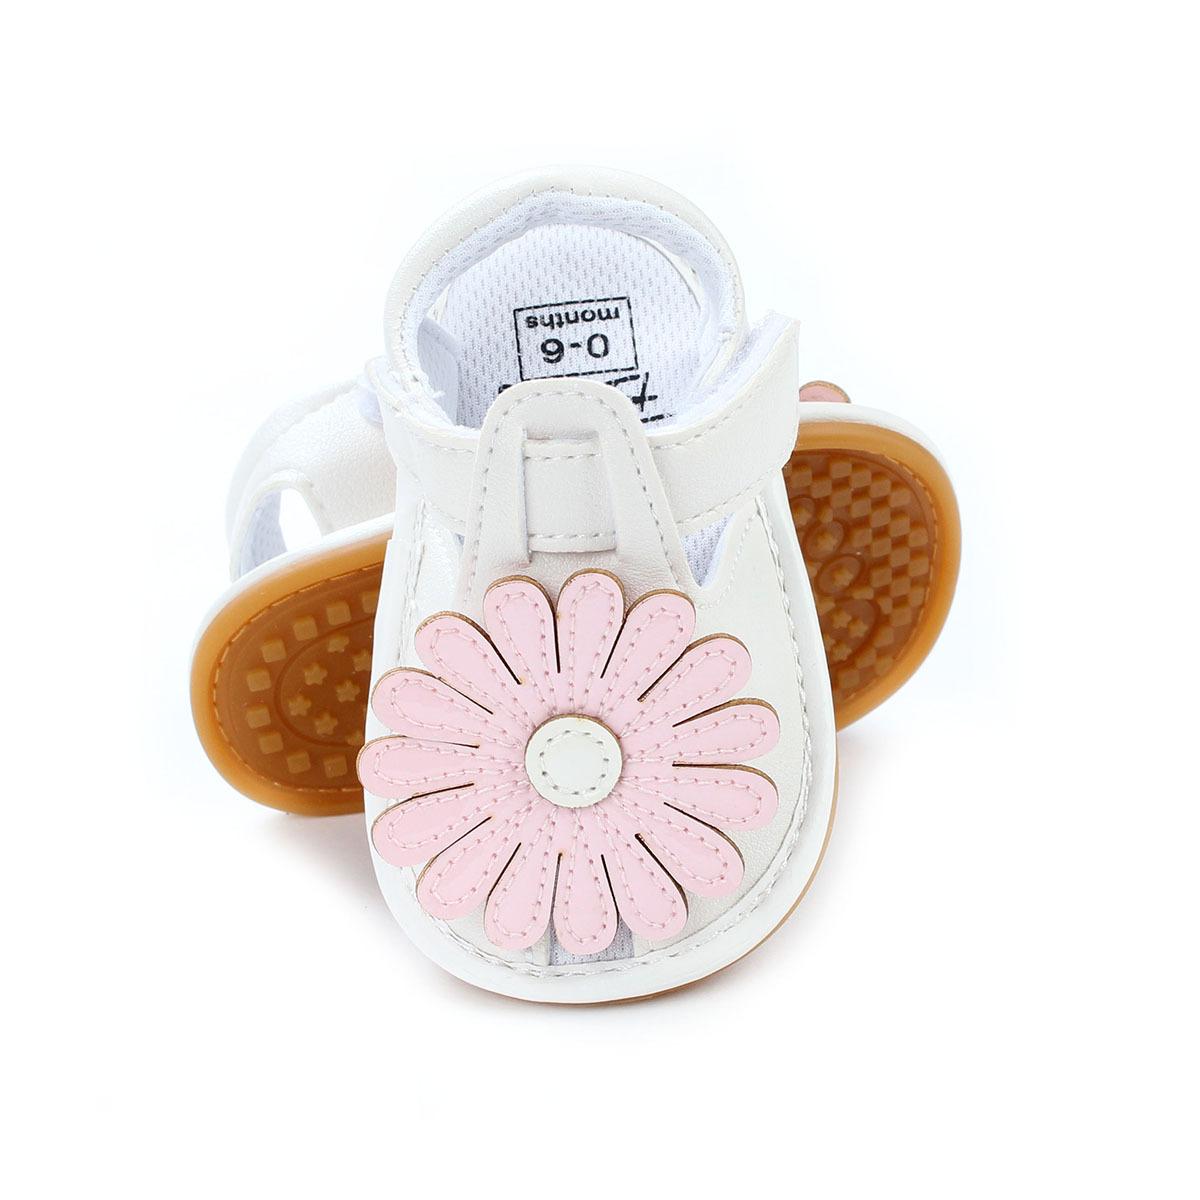 รองเท้าเด็กอ่อน 0-12เดือน สีขาว ติดดอกไม้ตรงกลางสีชมพูหนึ่งดอก